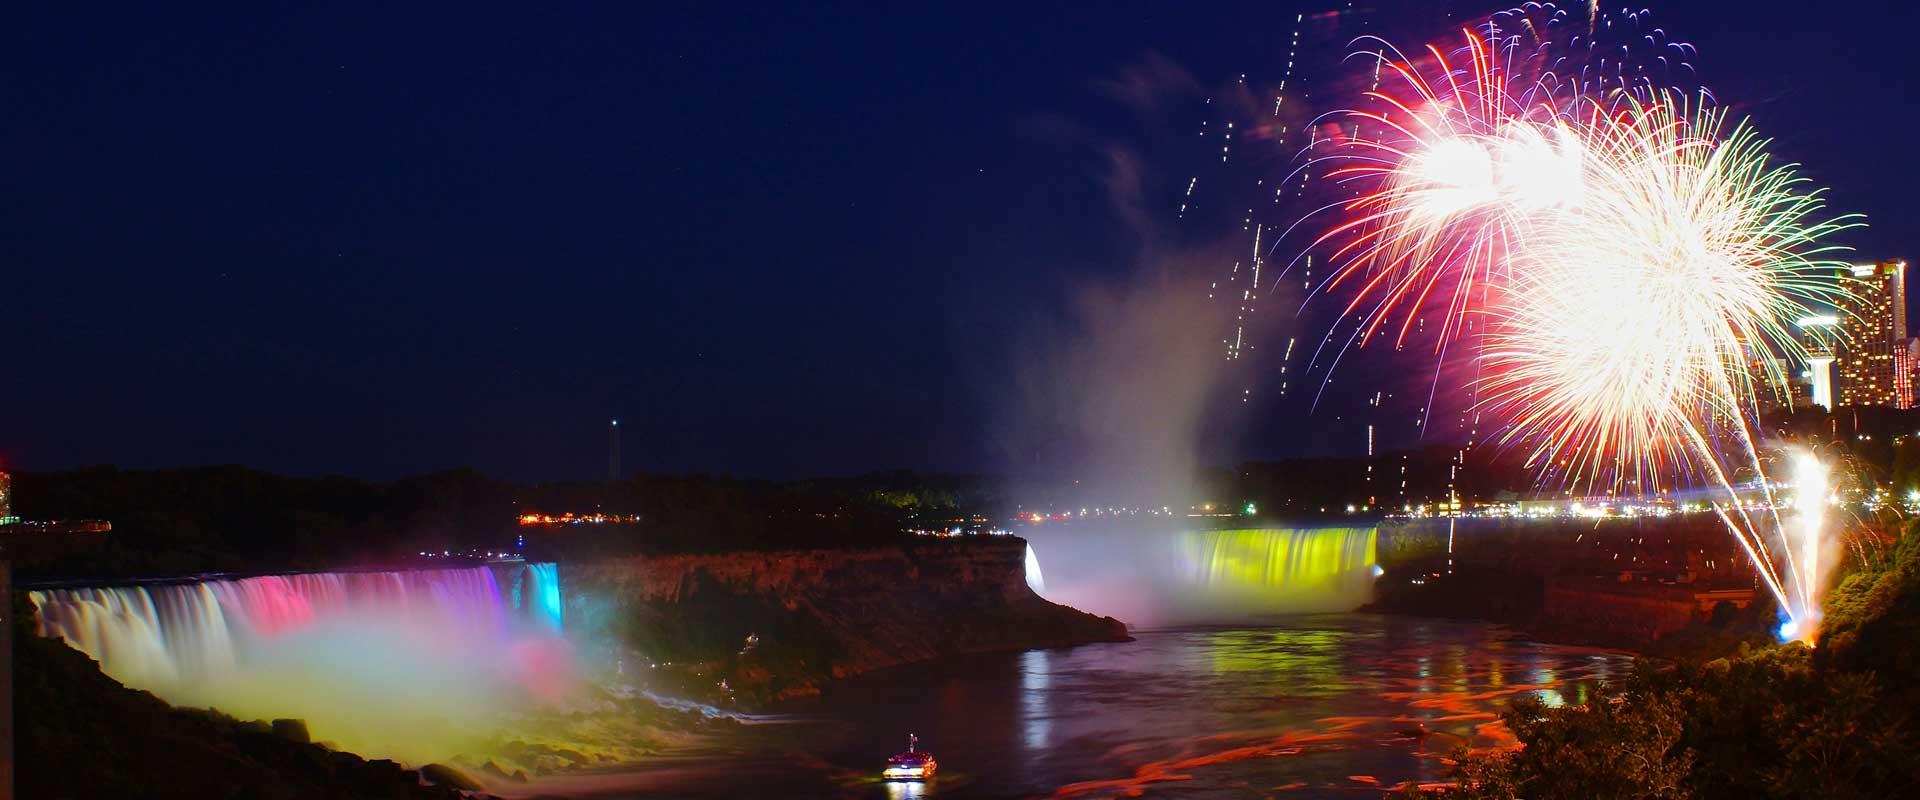 Things to do in Niagara Falls, NY at night